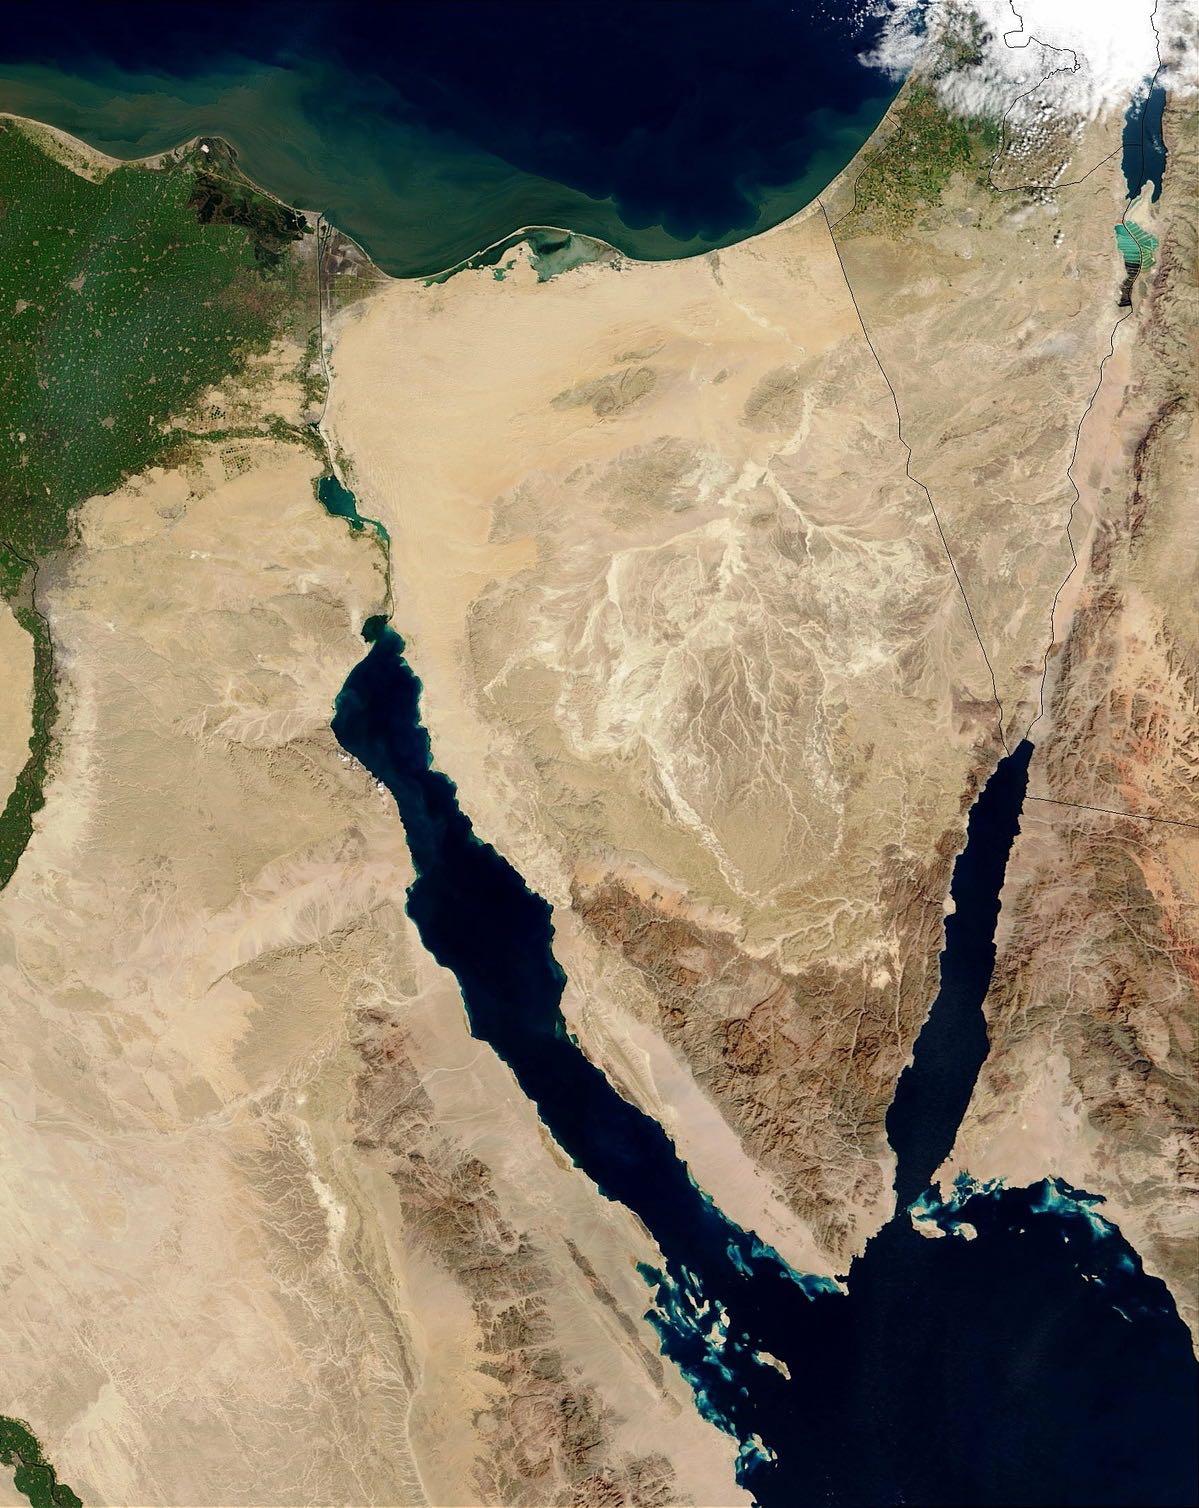 images/agenda_liberale/Beccaro_Egitto_finale